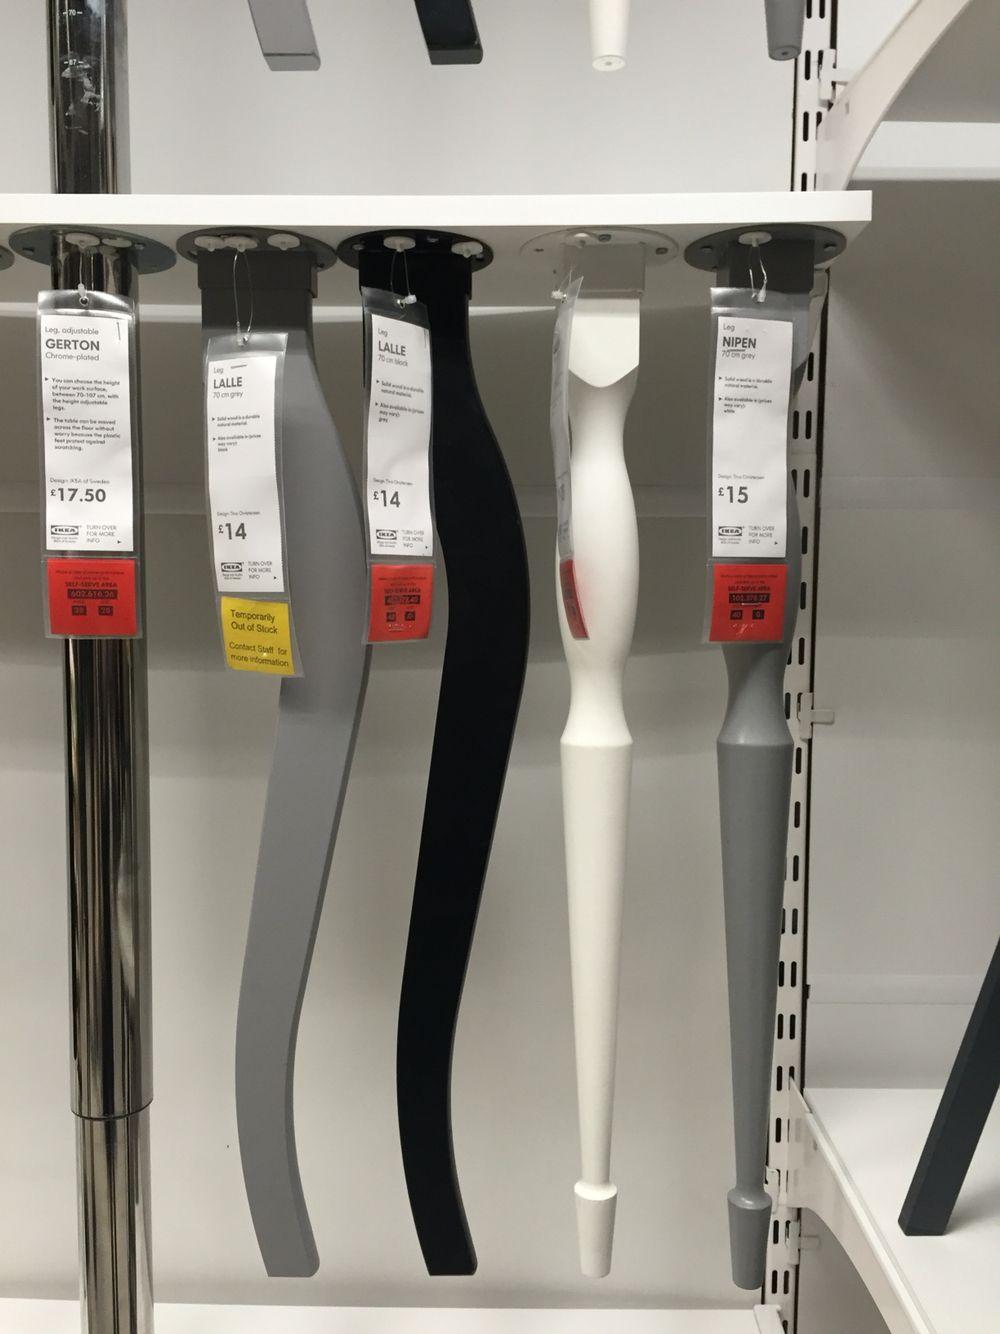 Patas de mesa Ikea  PATAS DE MESAS en 2019  Muebles ikea